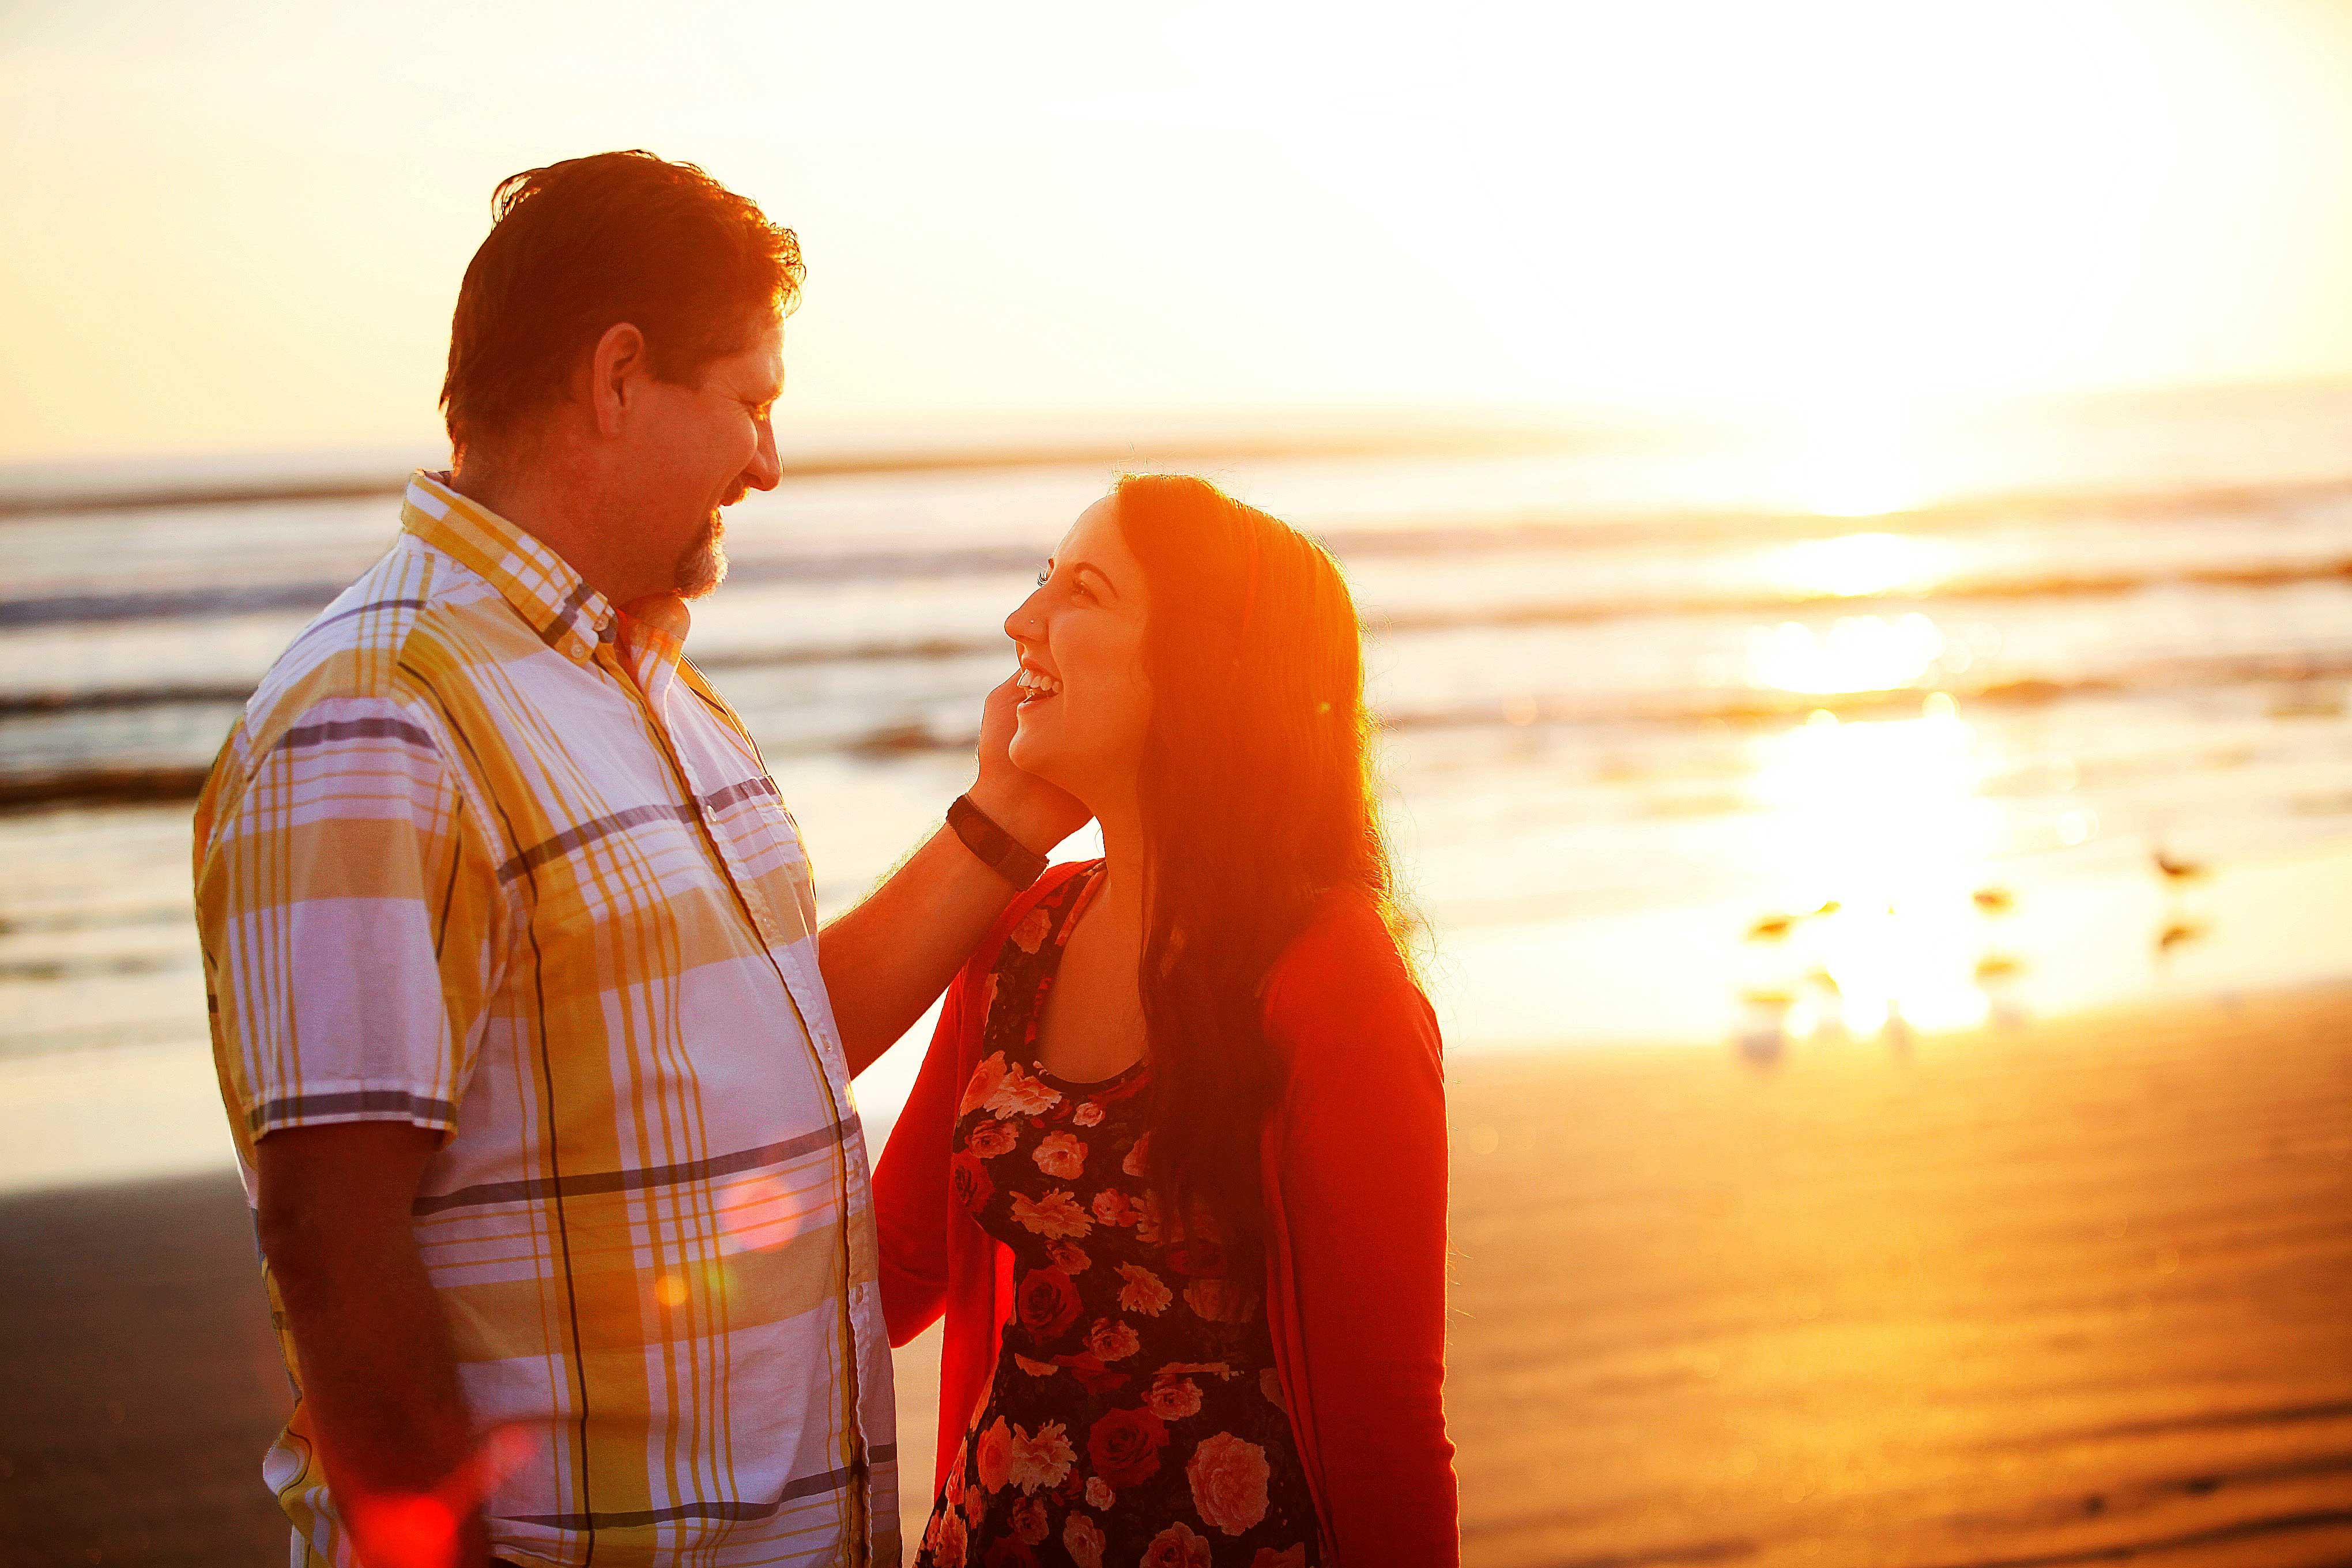 Image 17 of Rachel and Jacob | Daytona Beach Proposal